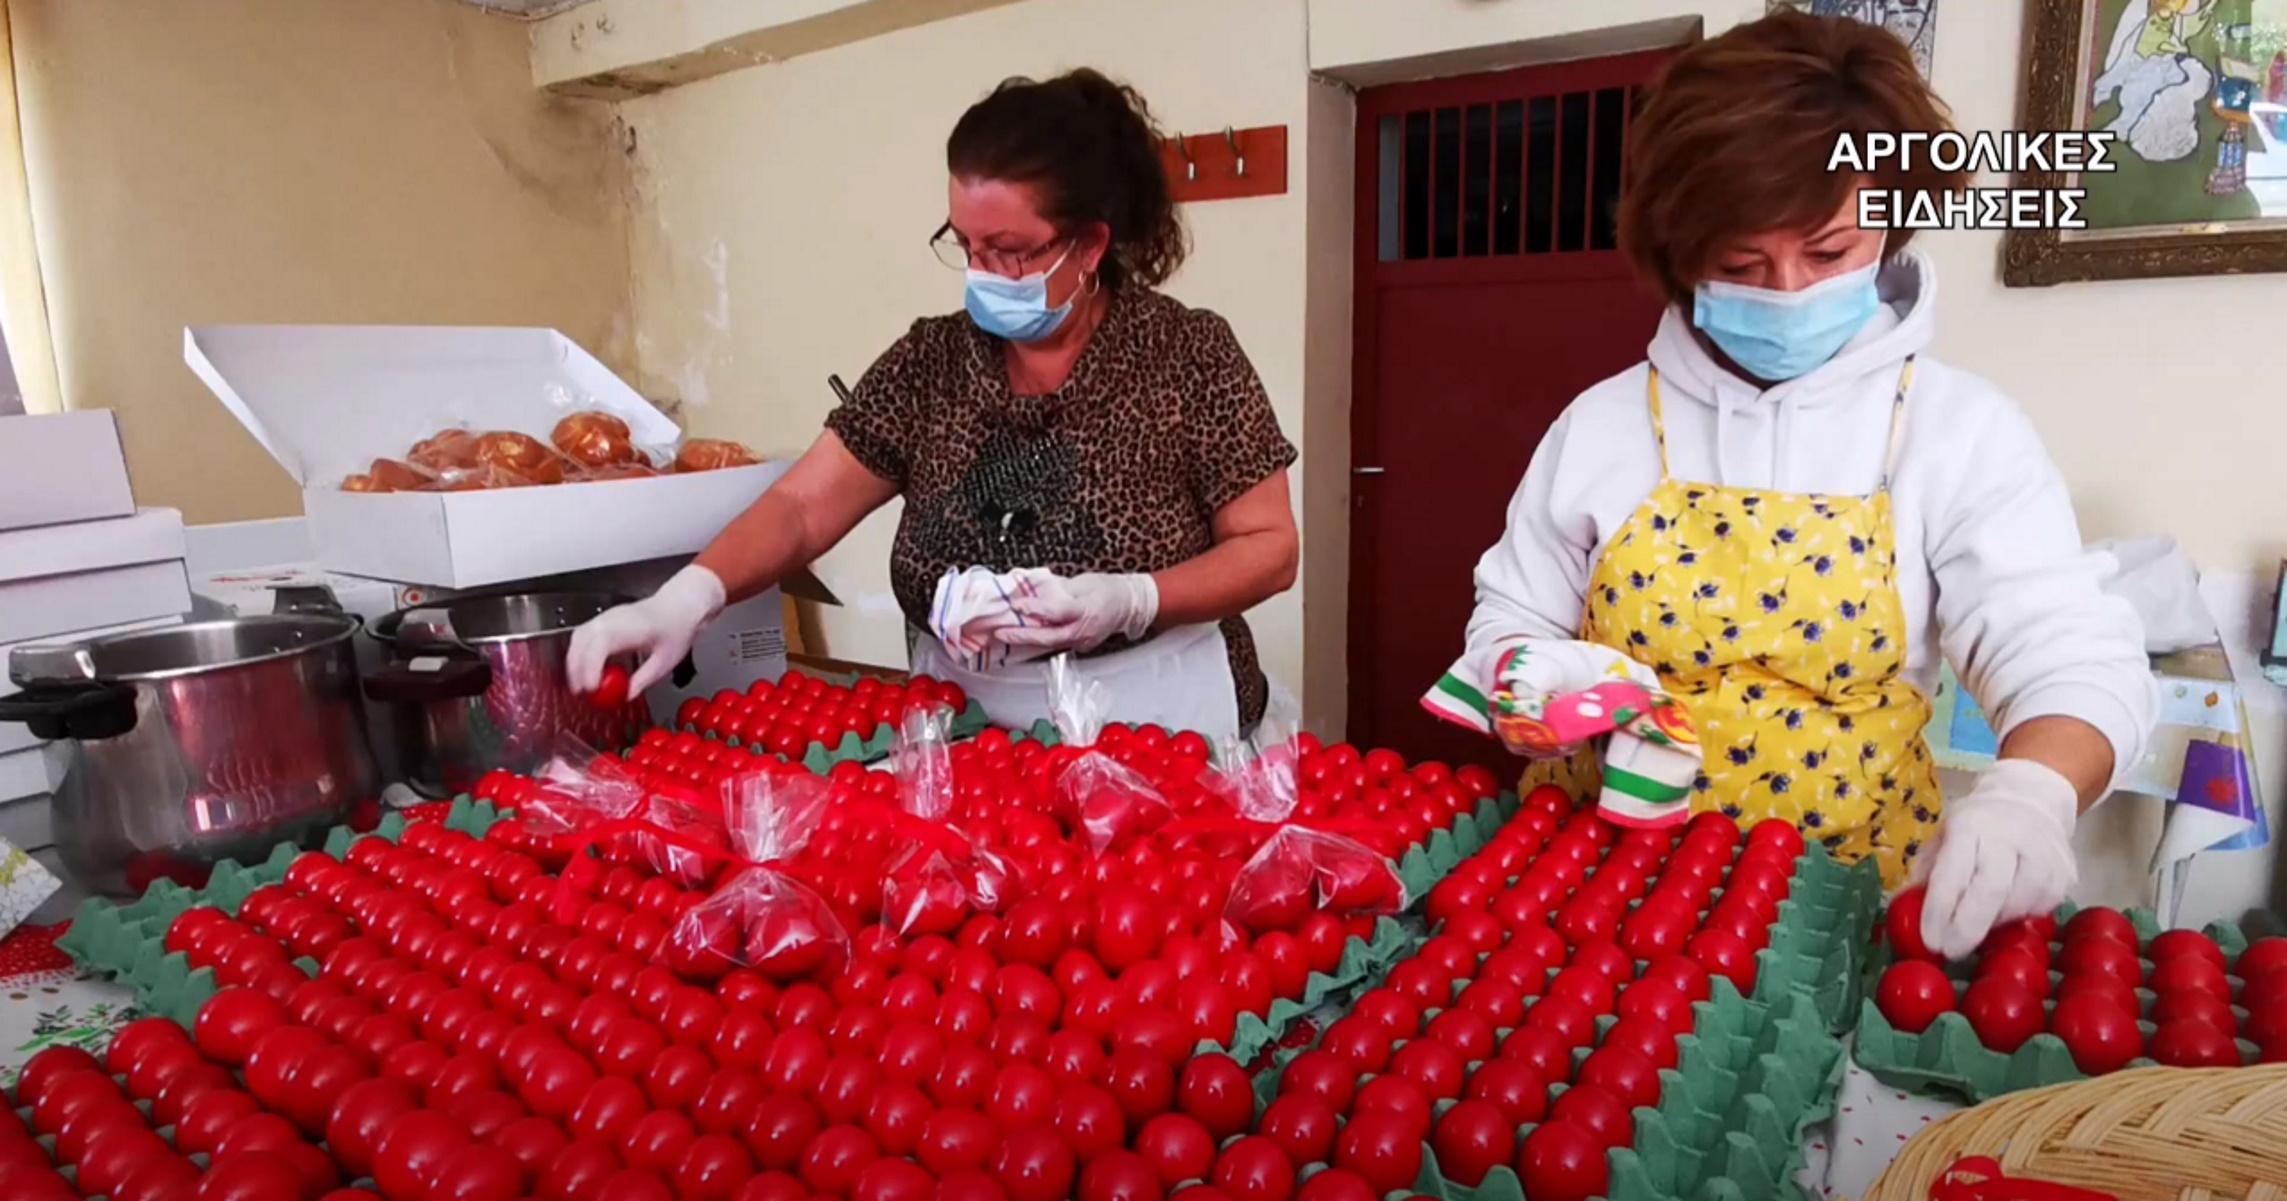 Πάσχα 2021 – Ναύπλιο: Έβαψαν πάνω από 500 κόκκινα αυγά για τους απόρους (video)